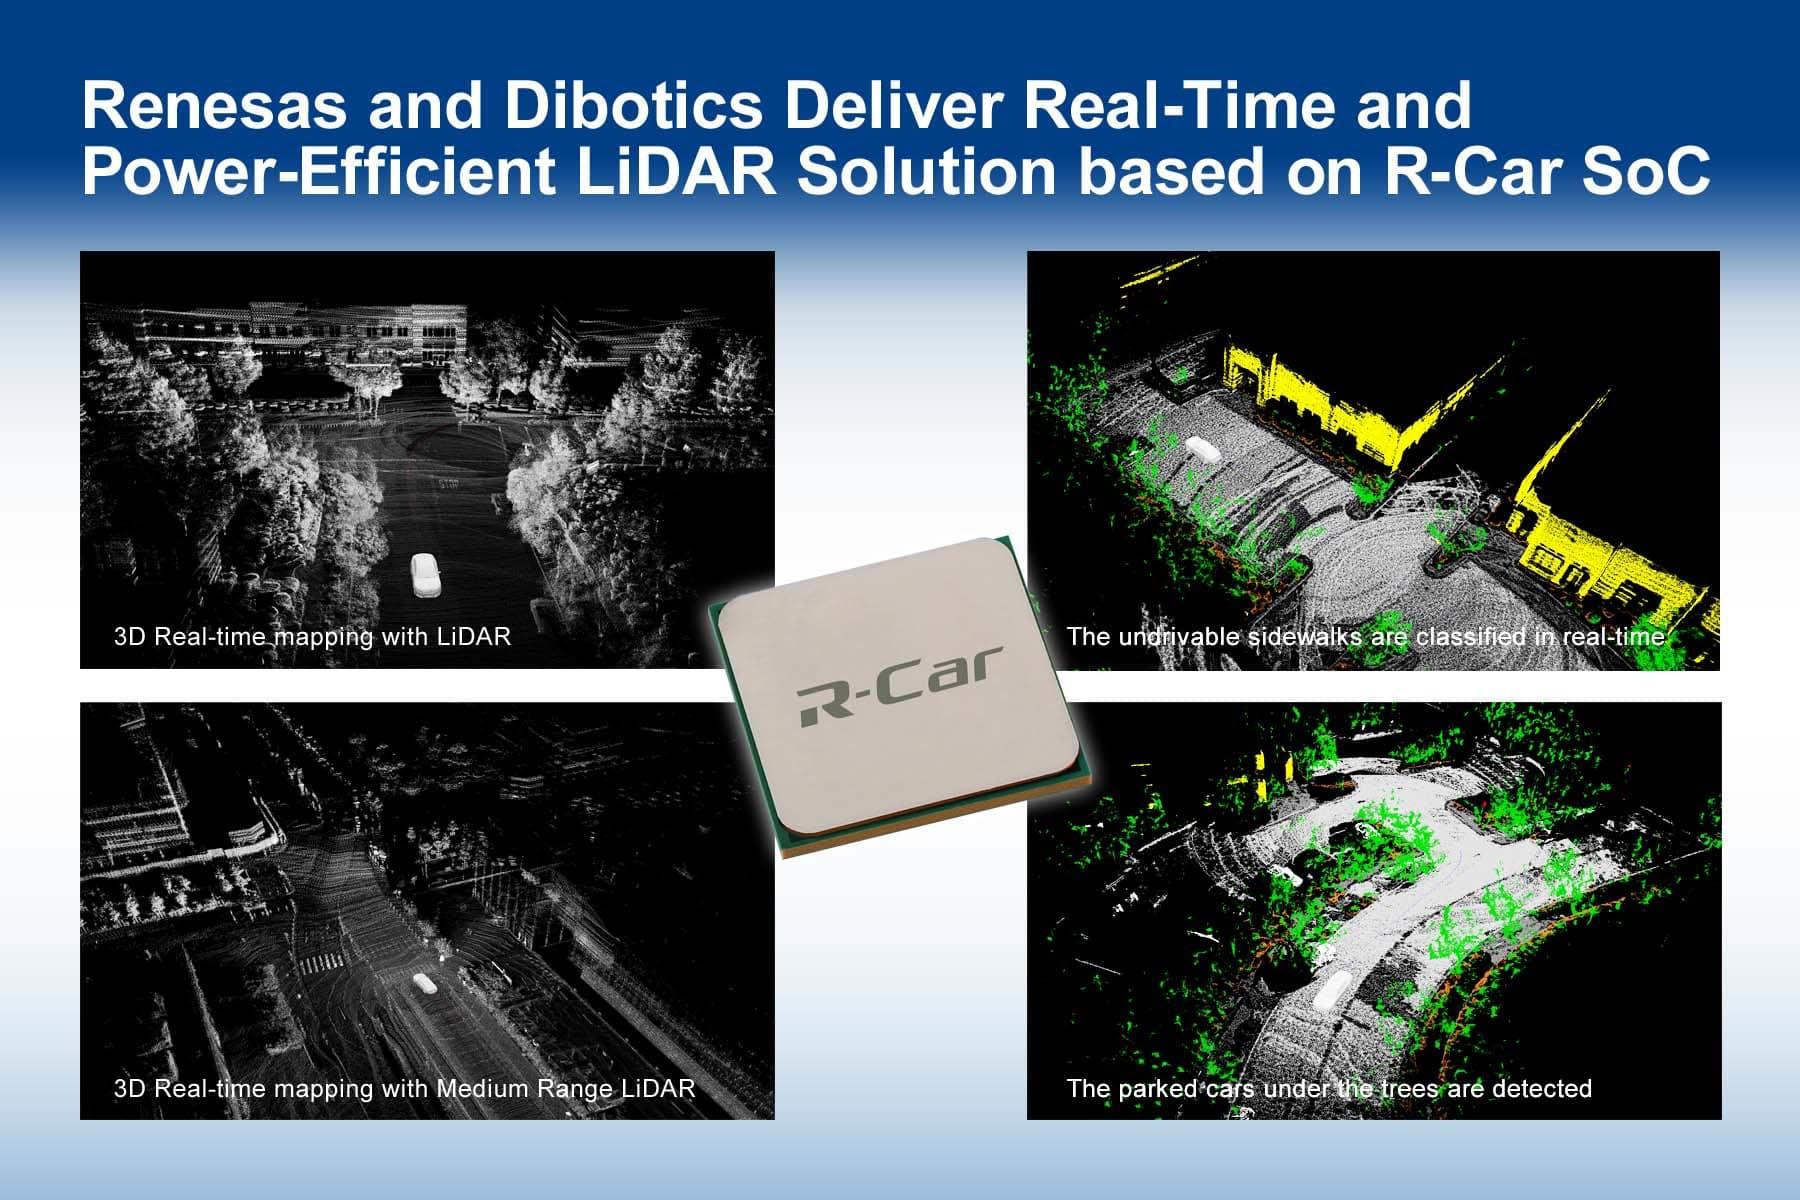 瑞萨电子和Dibotics推出基于R-Car SoC的实时、低功耗LiDAR解决方案,促进自动驾驶技术的发展